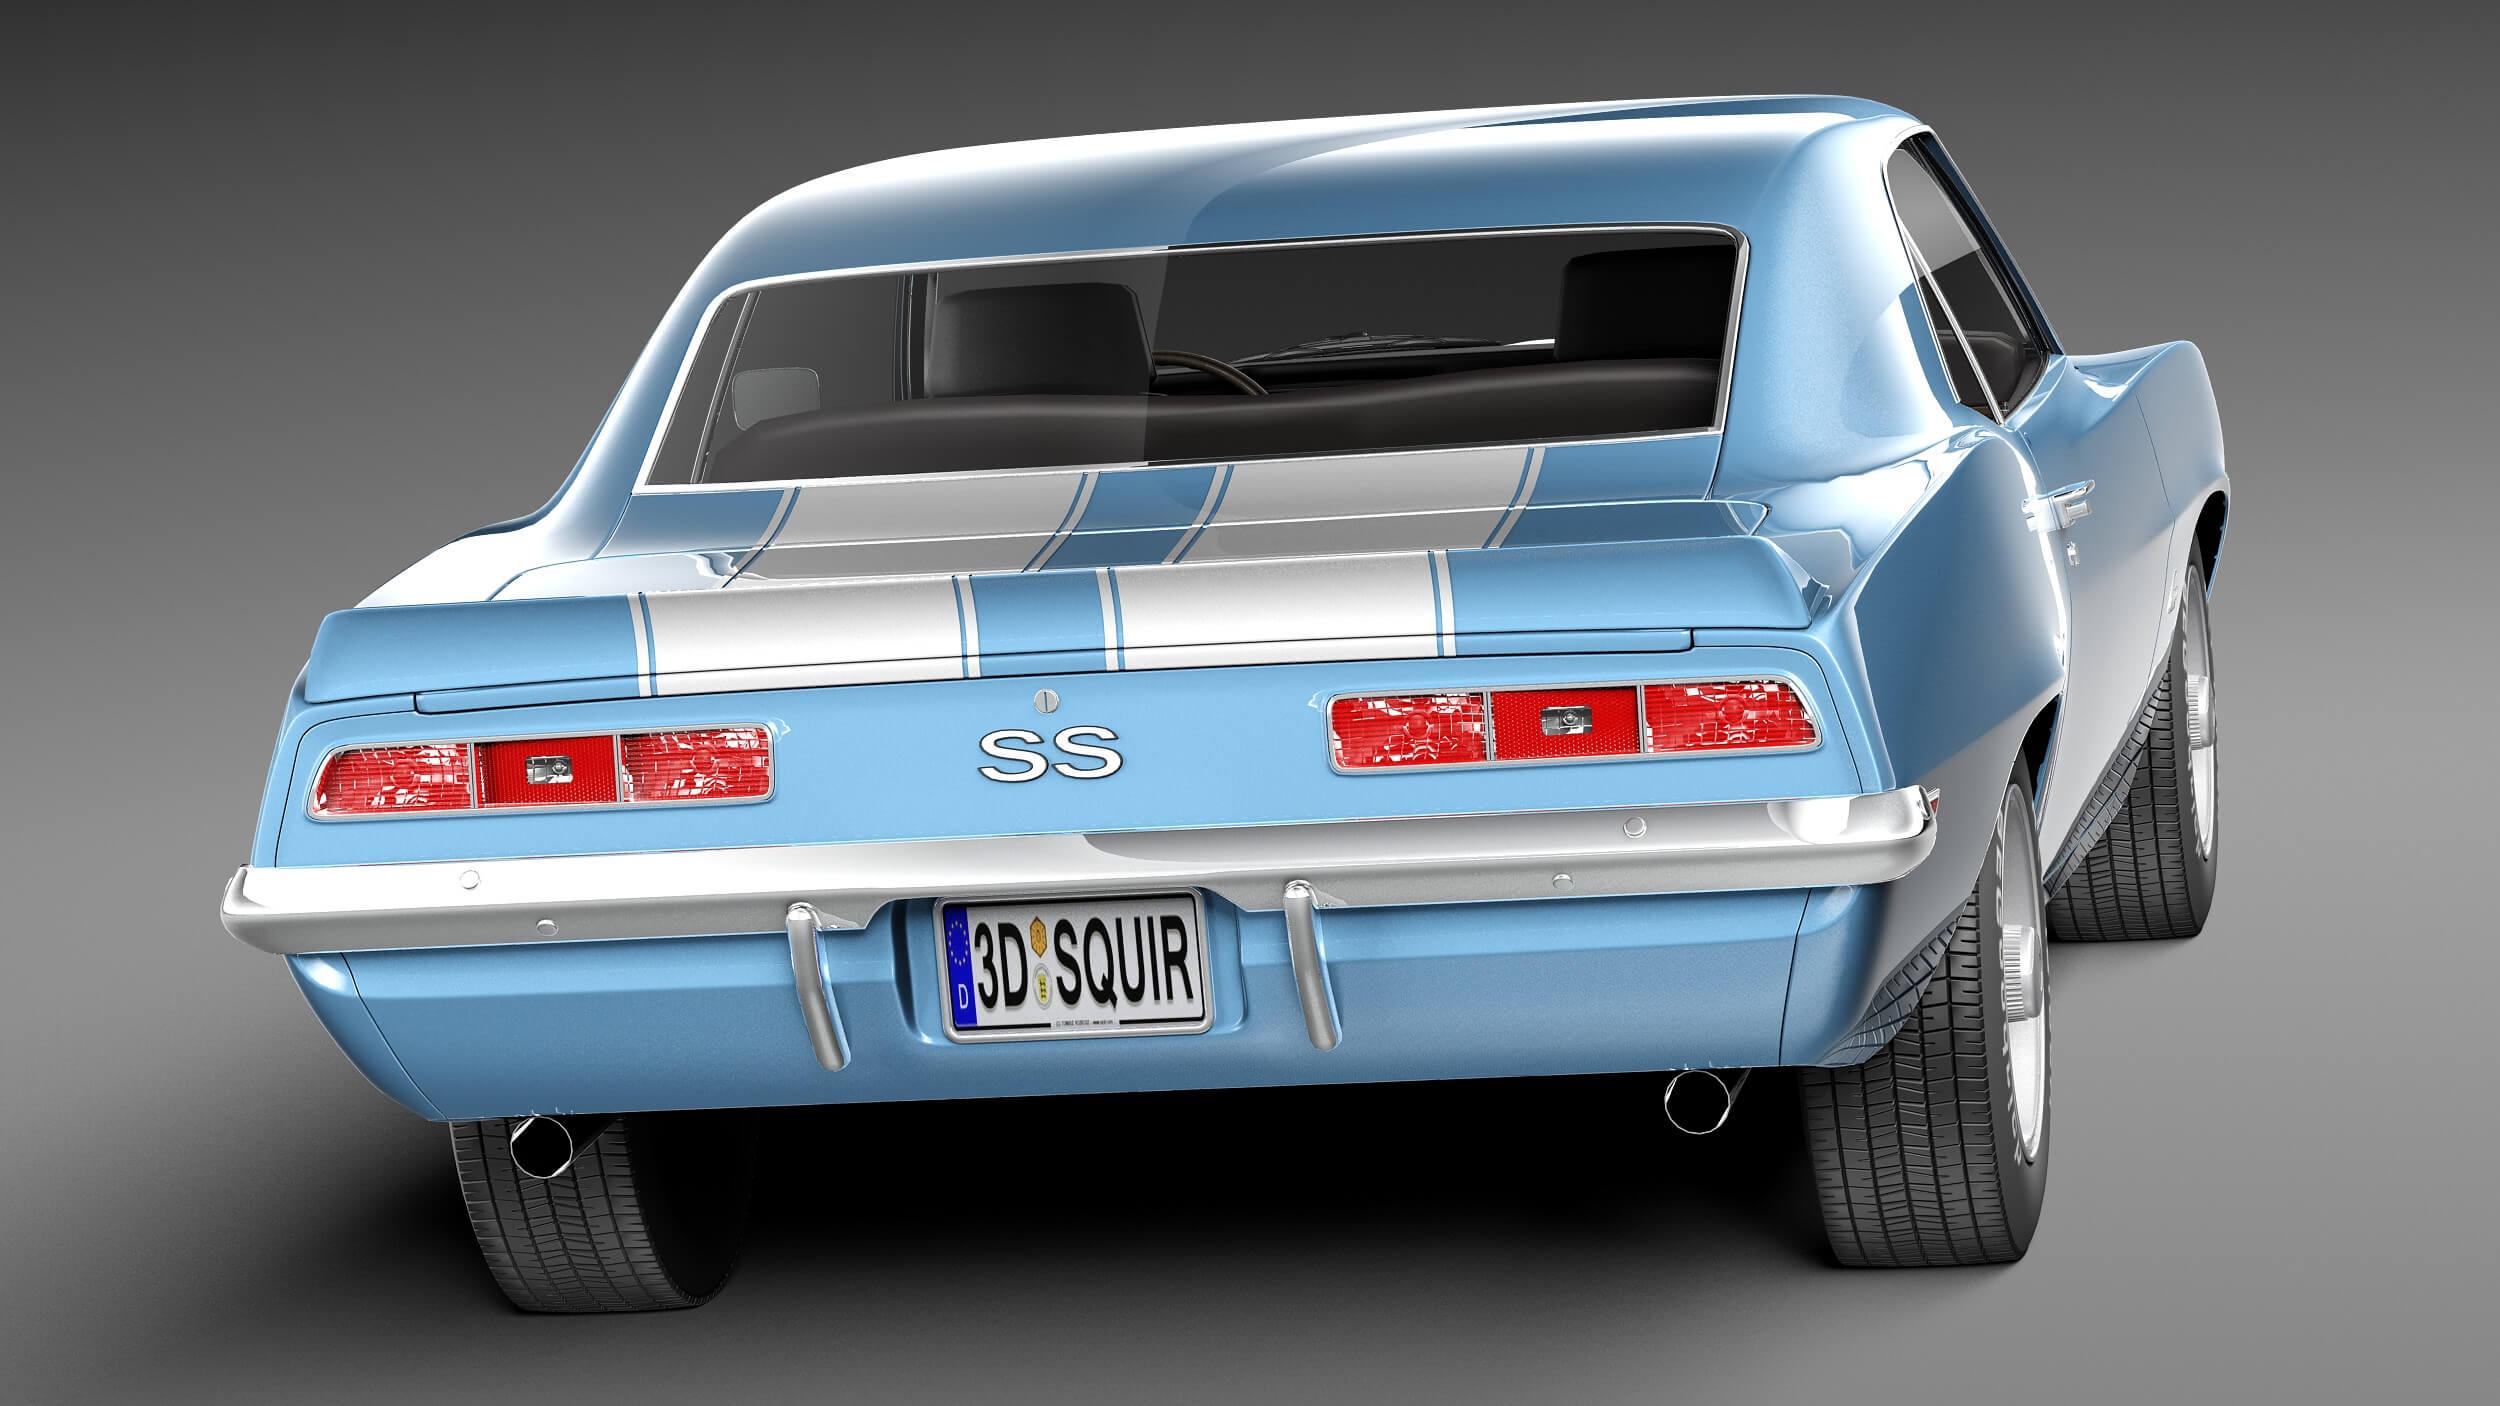 Camaro Ss 1969 >> Chevrolet Camaro Ss 1969 3d Model